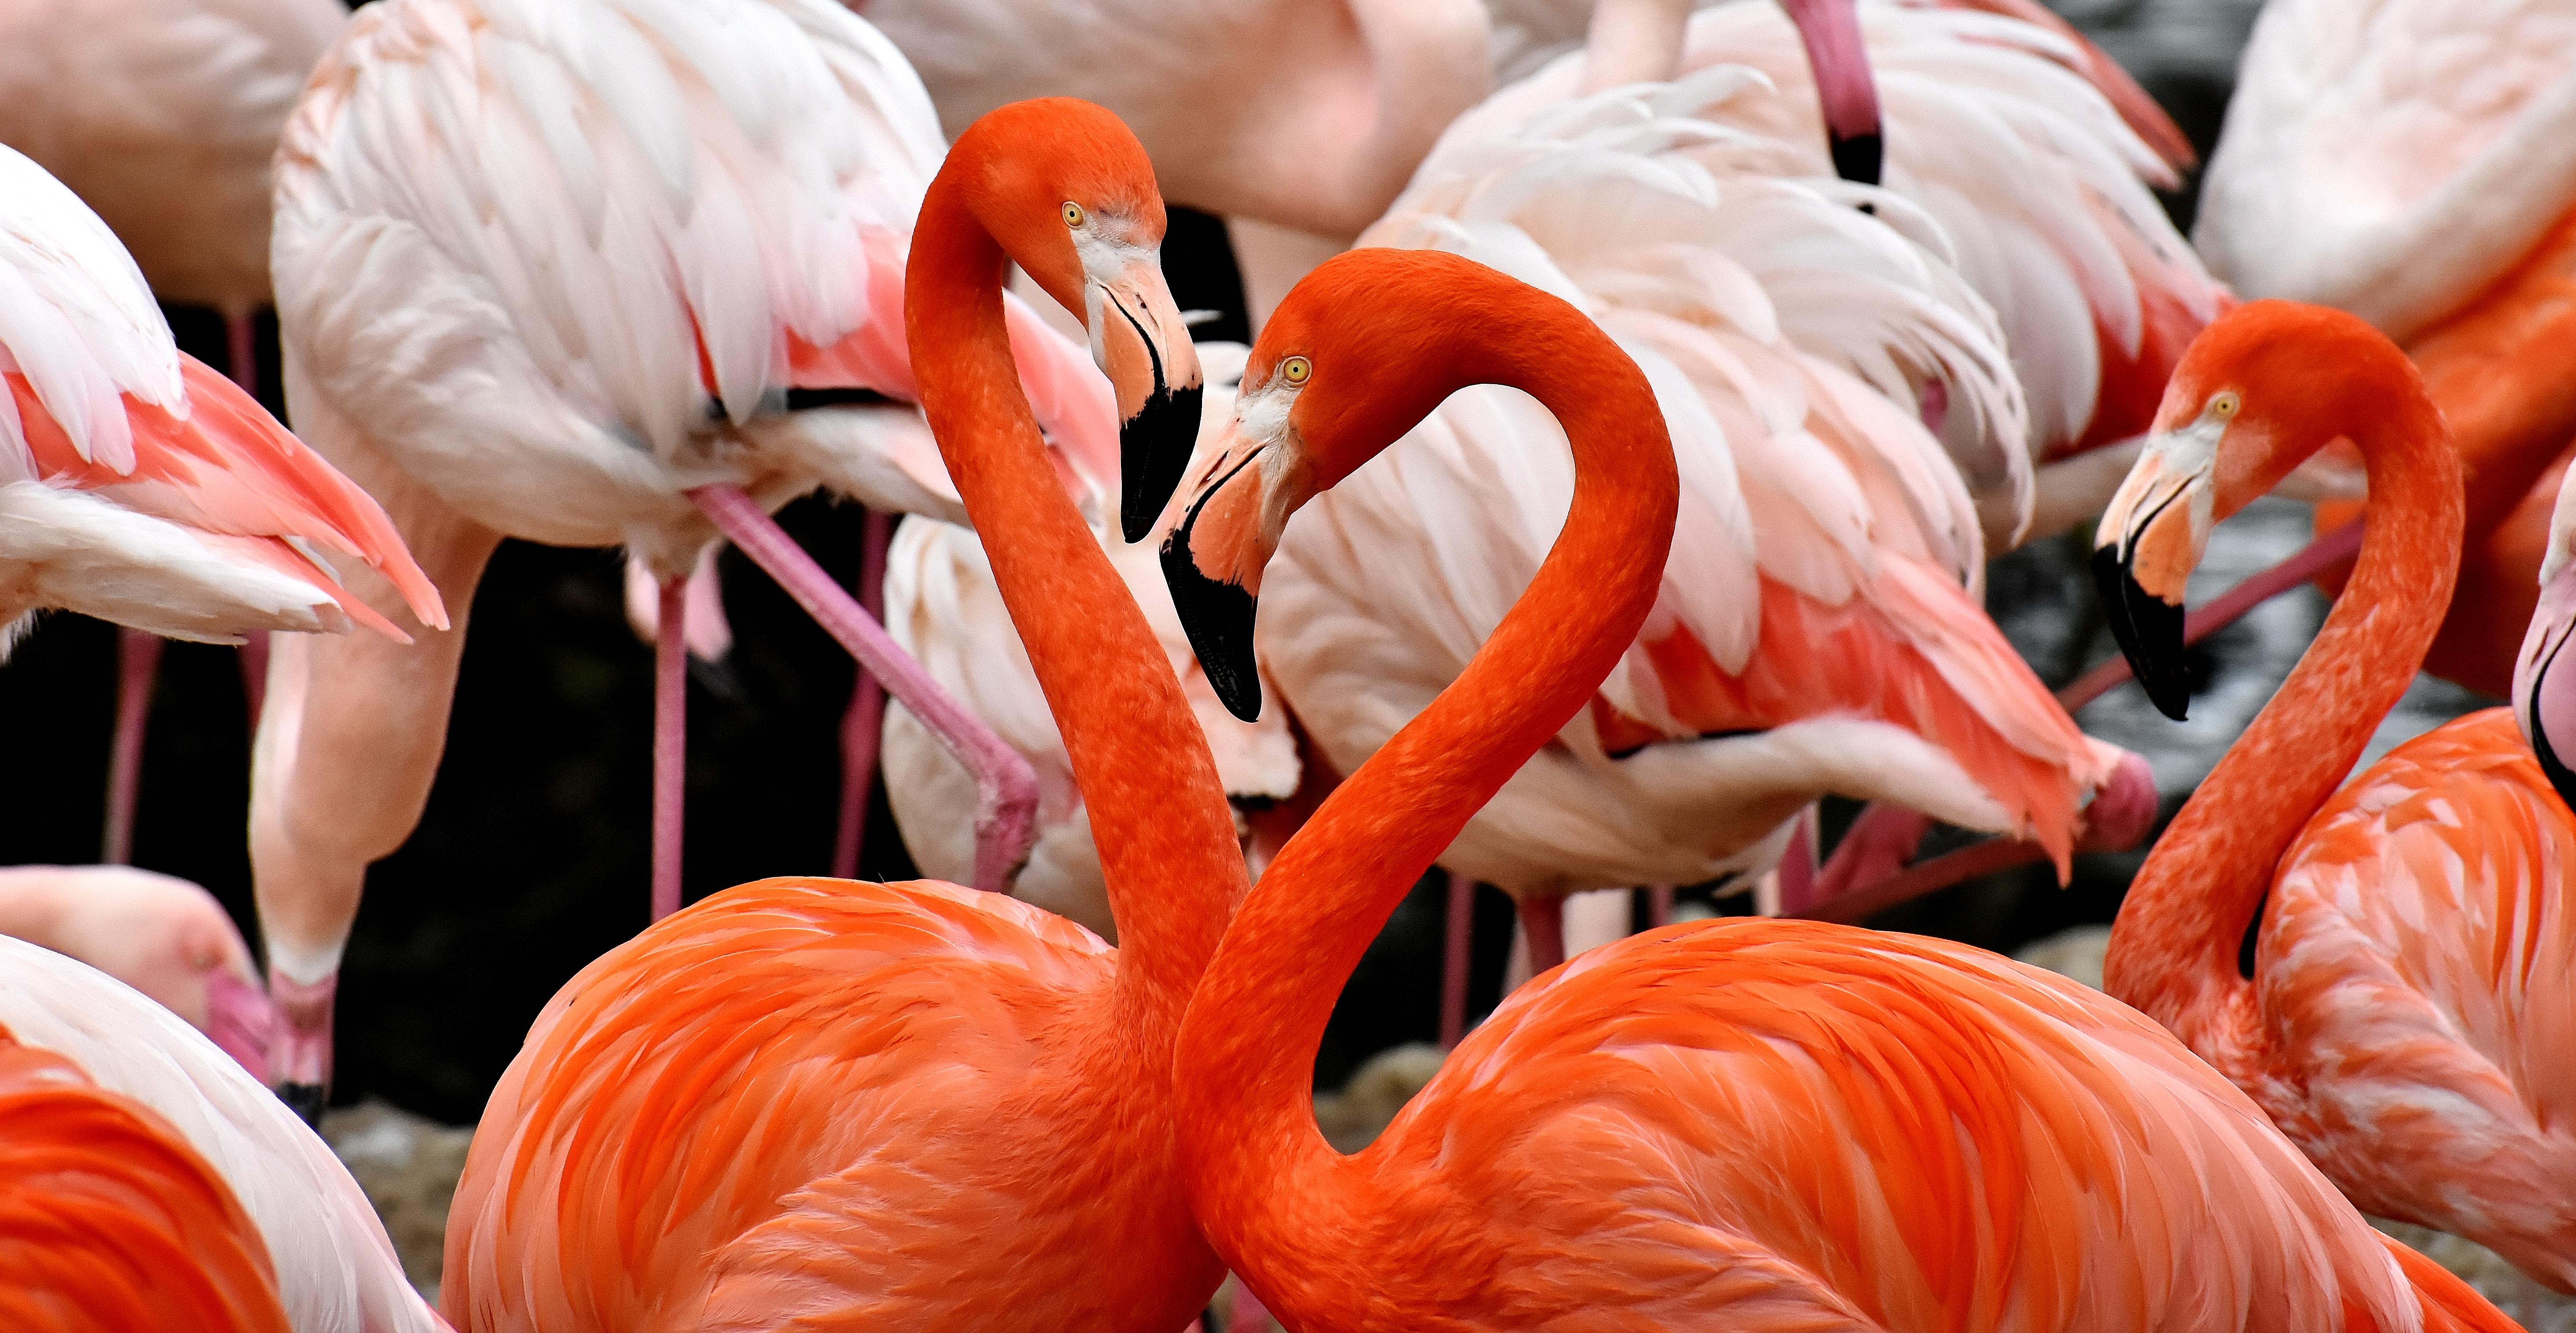 152128 Заставки и Обои Птицы на телефон. Скачать Птицы, Фламинго, Животные, Перья, Красочный картинки бесплатно